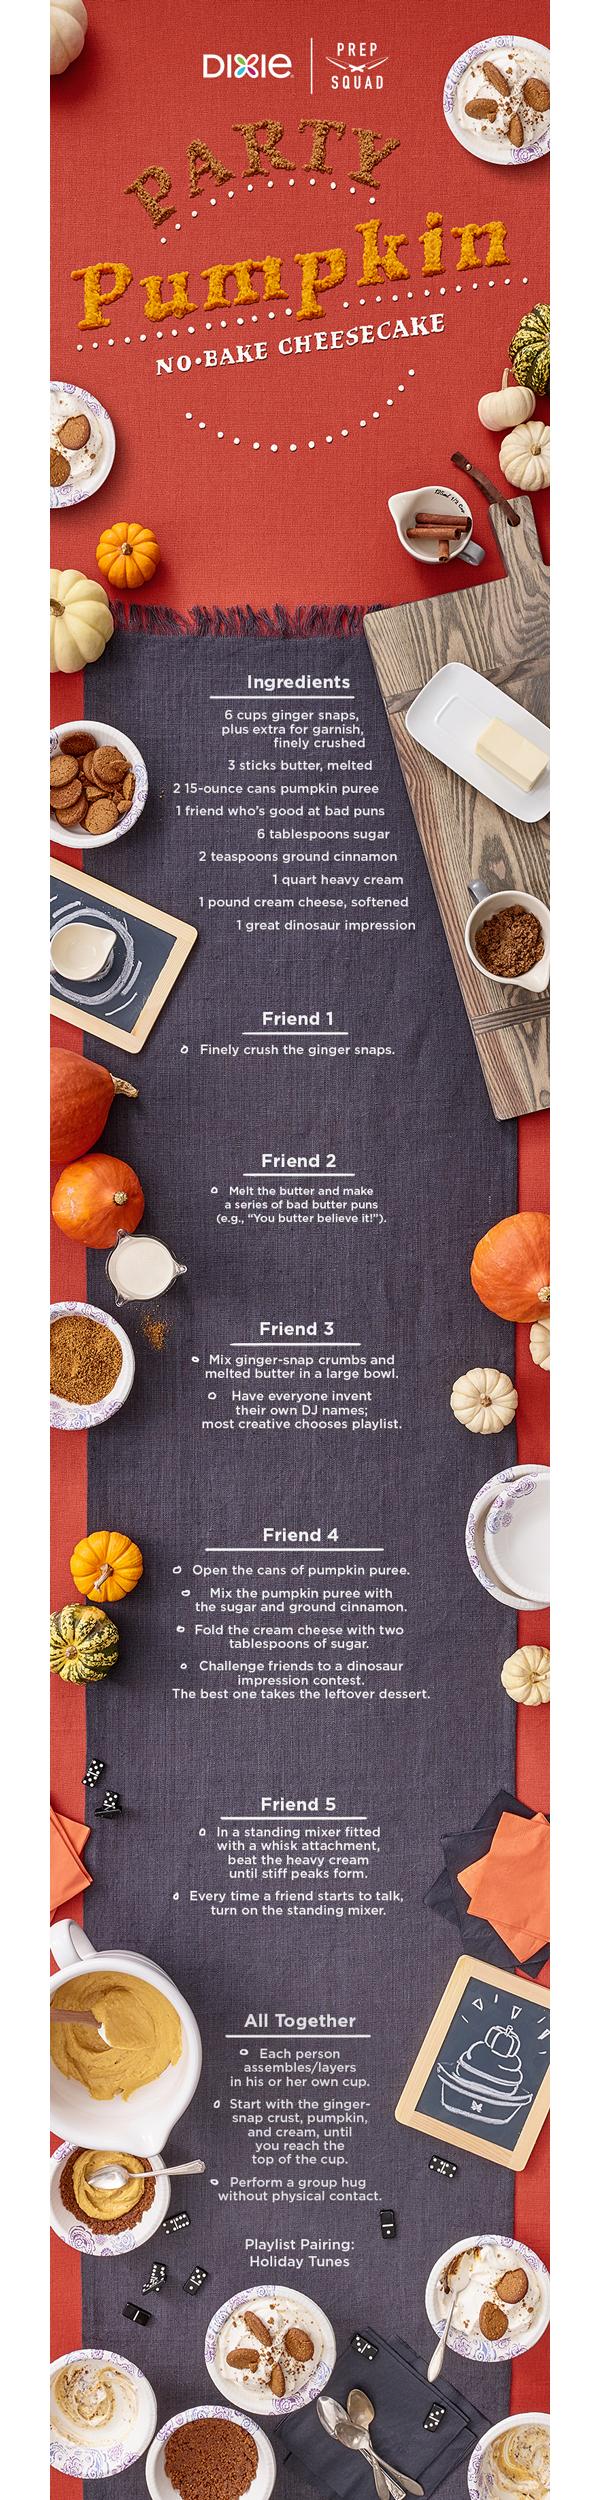 Pumpkin-Pie-Good.jpg